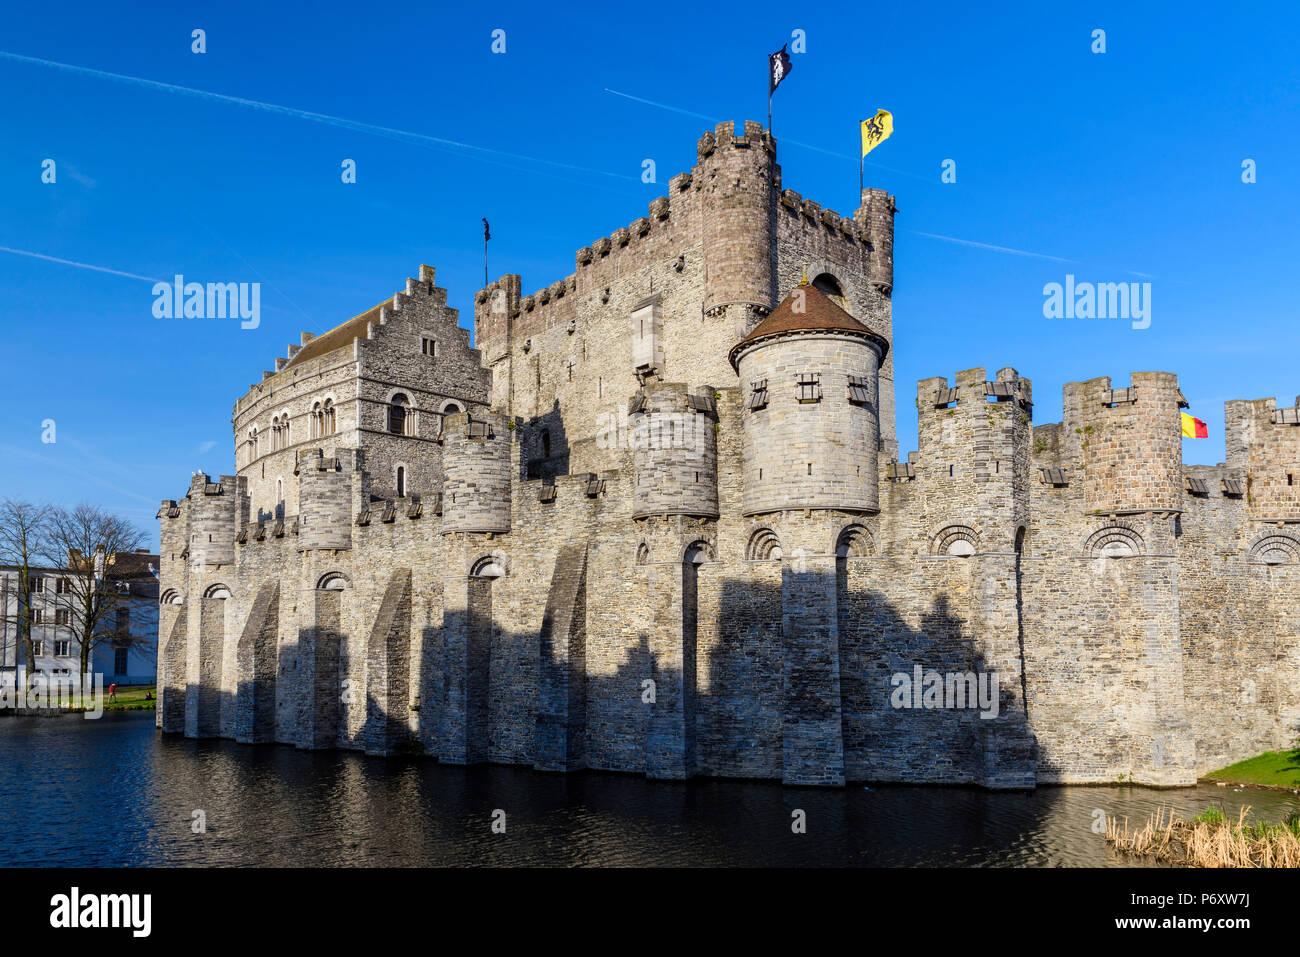 Gravensteen castle, Ghent, East Flanders, Belgium - Stock Image